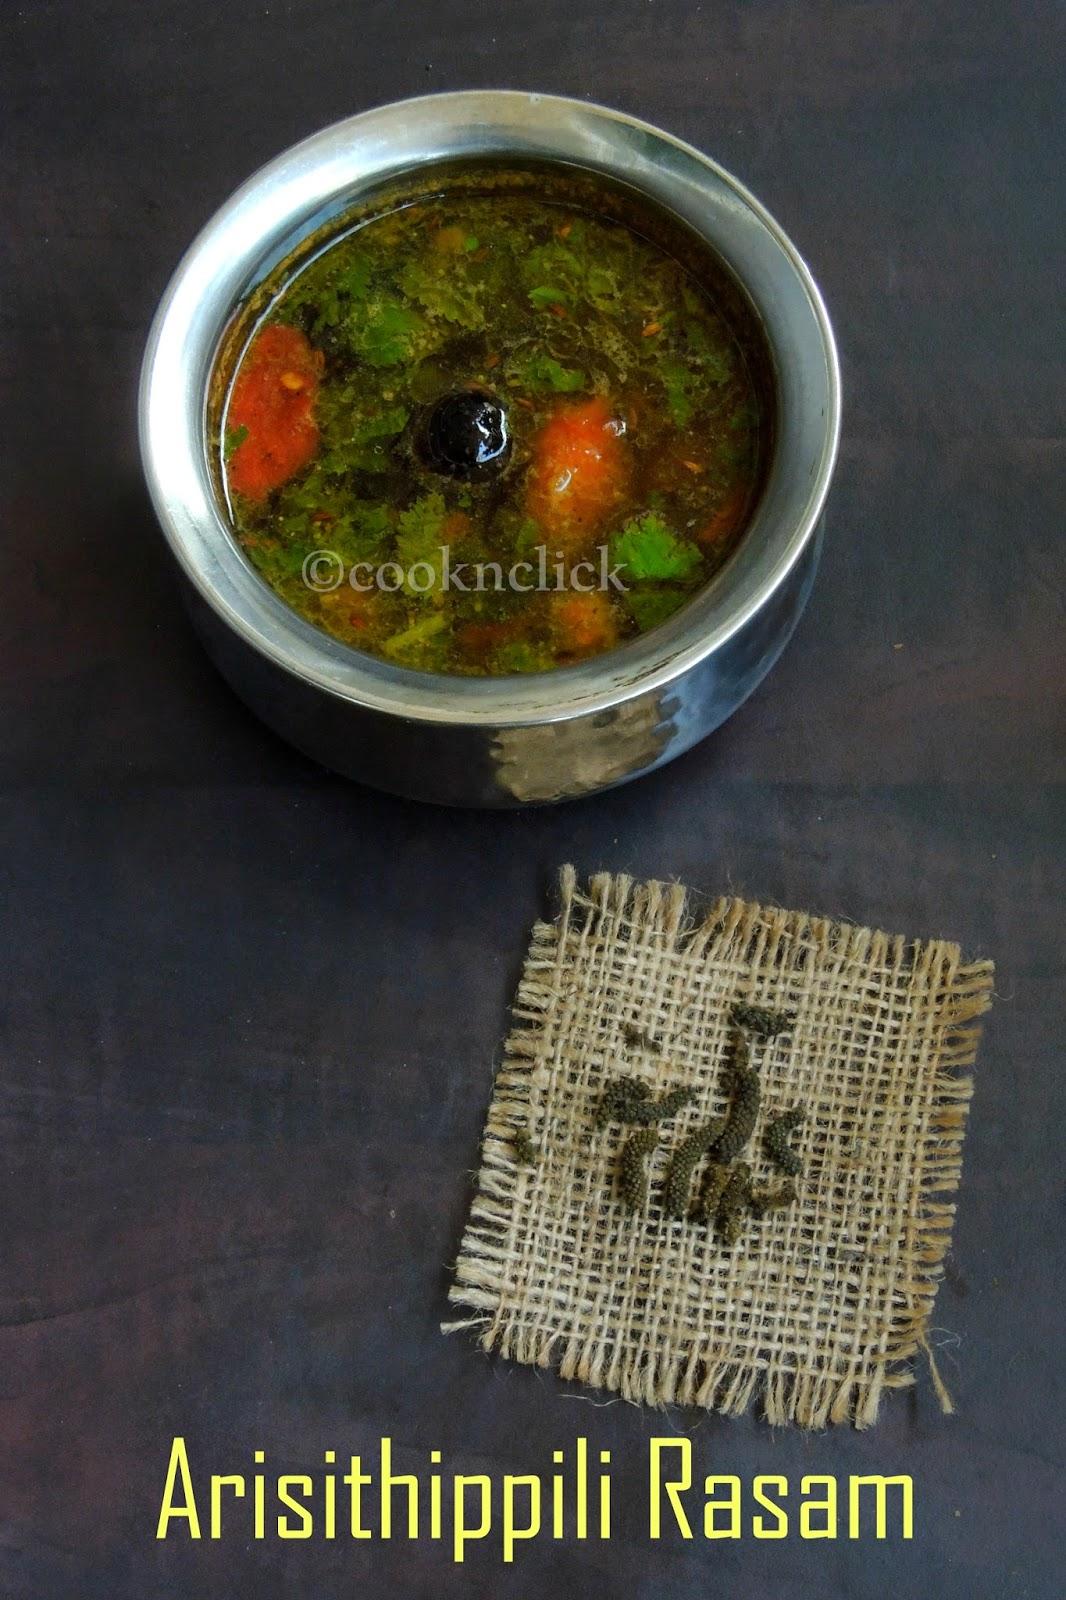 Arisithippili Rasam/Long Pepper Rasam/Thippili Sathumudu